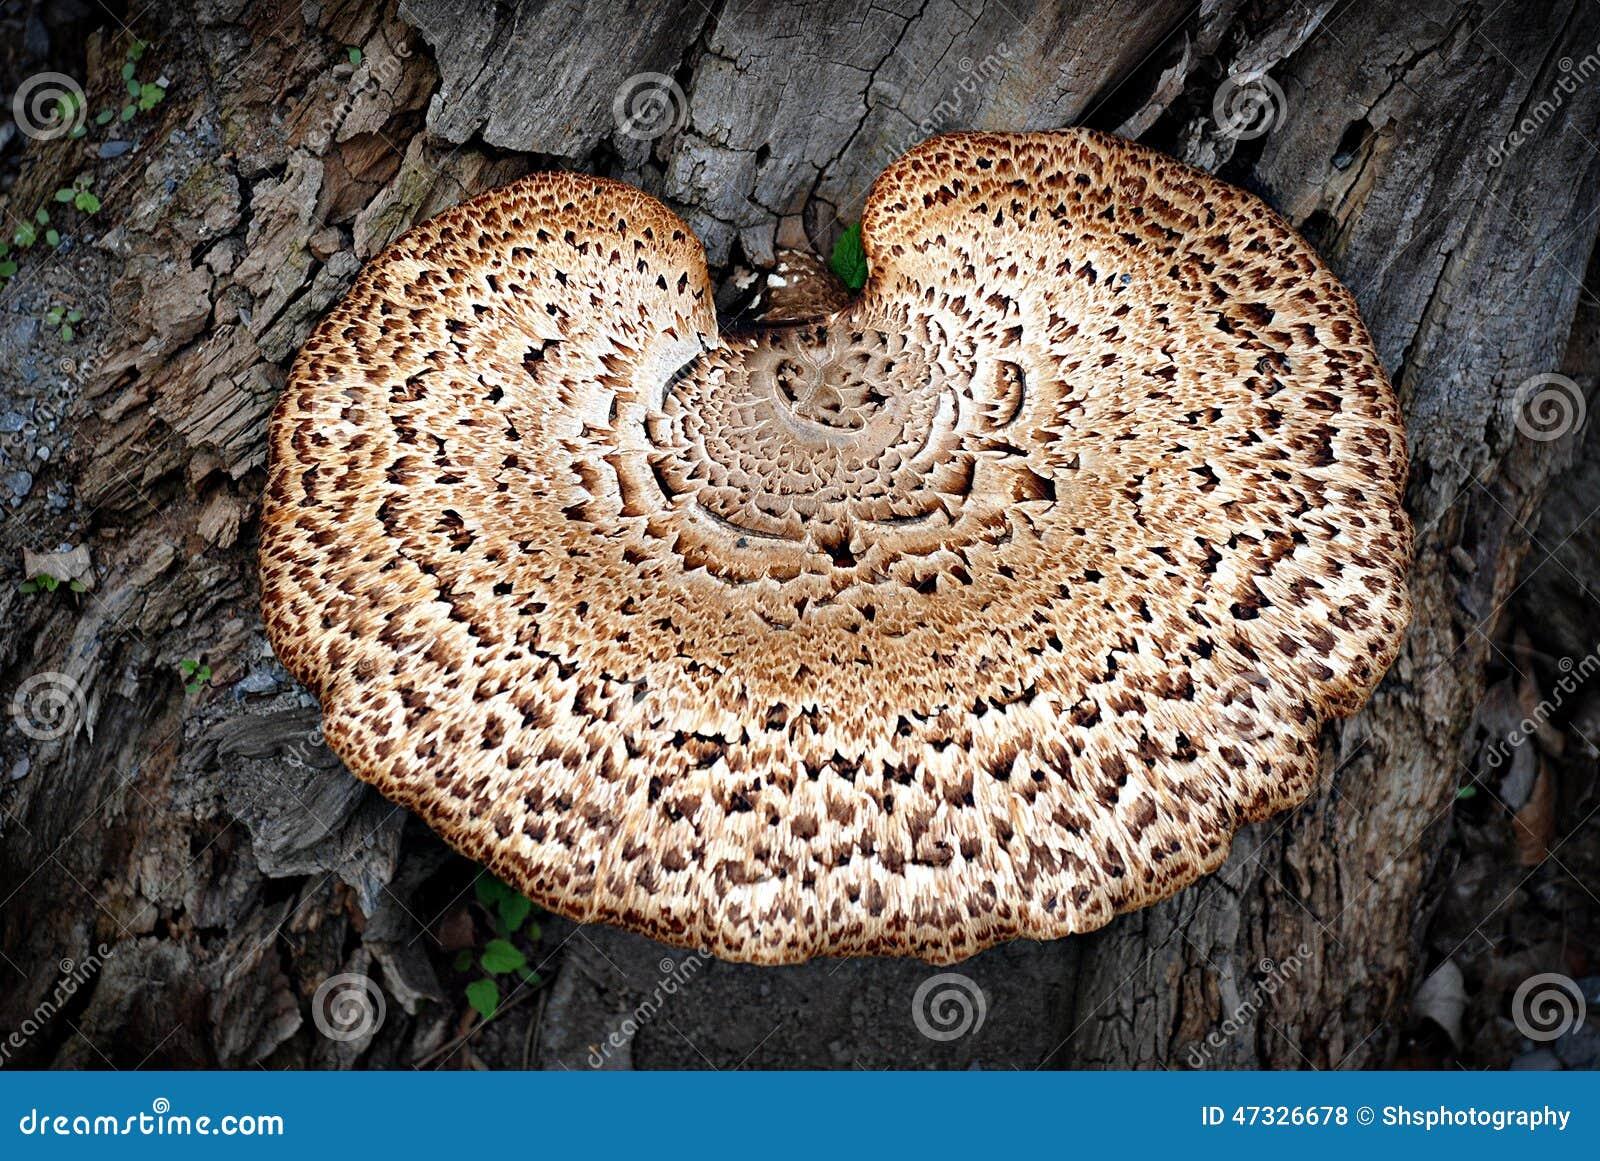 Fermez vous du champignon de parenth se sur le tronc d 39 arbre photo stock image 47326678 - Champignon sur tronc d arbre ...